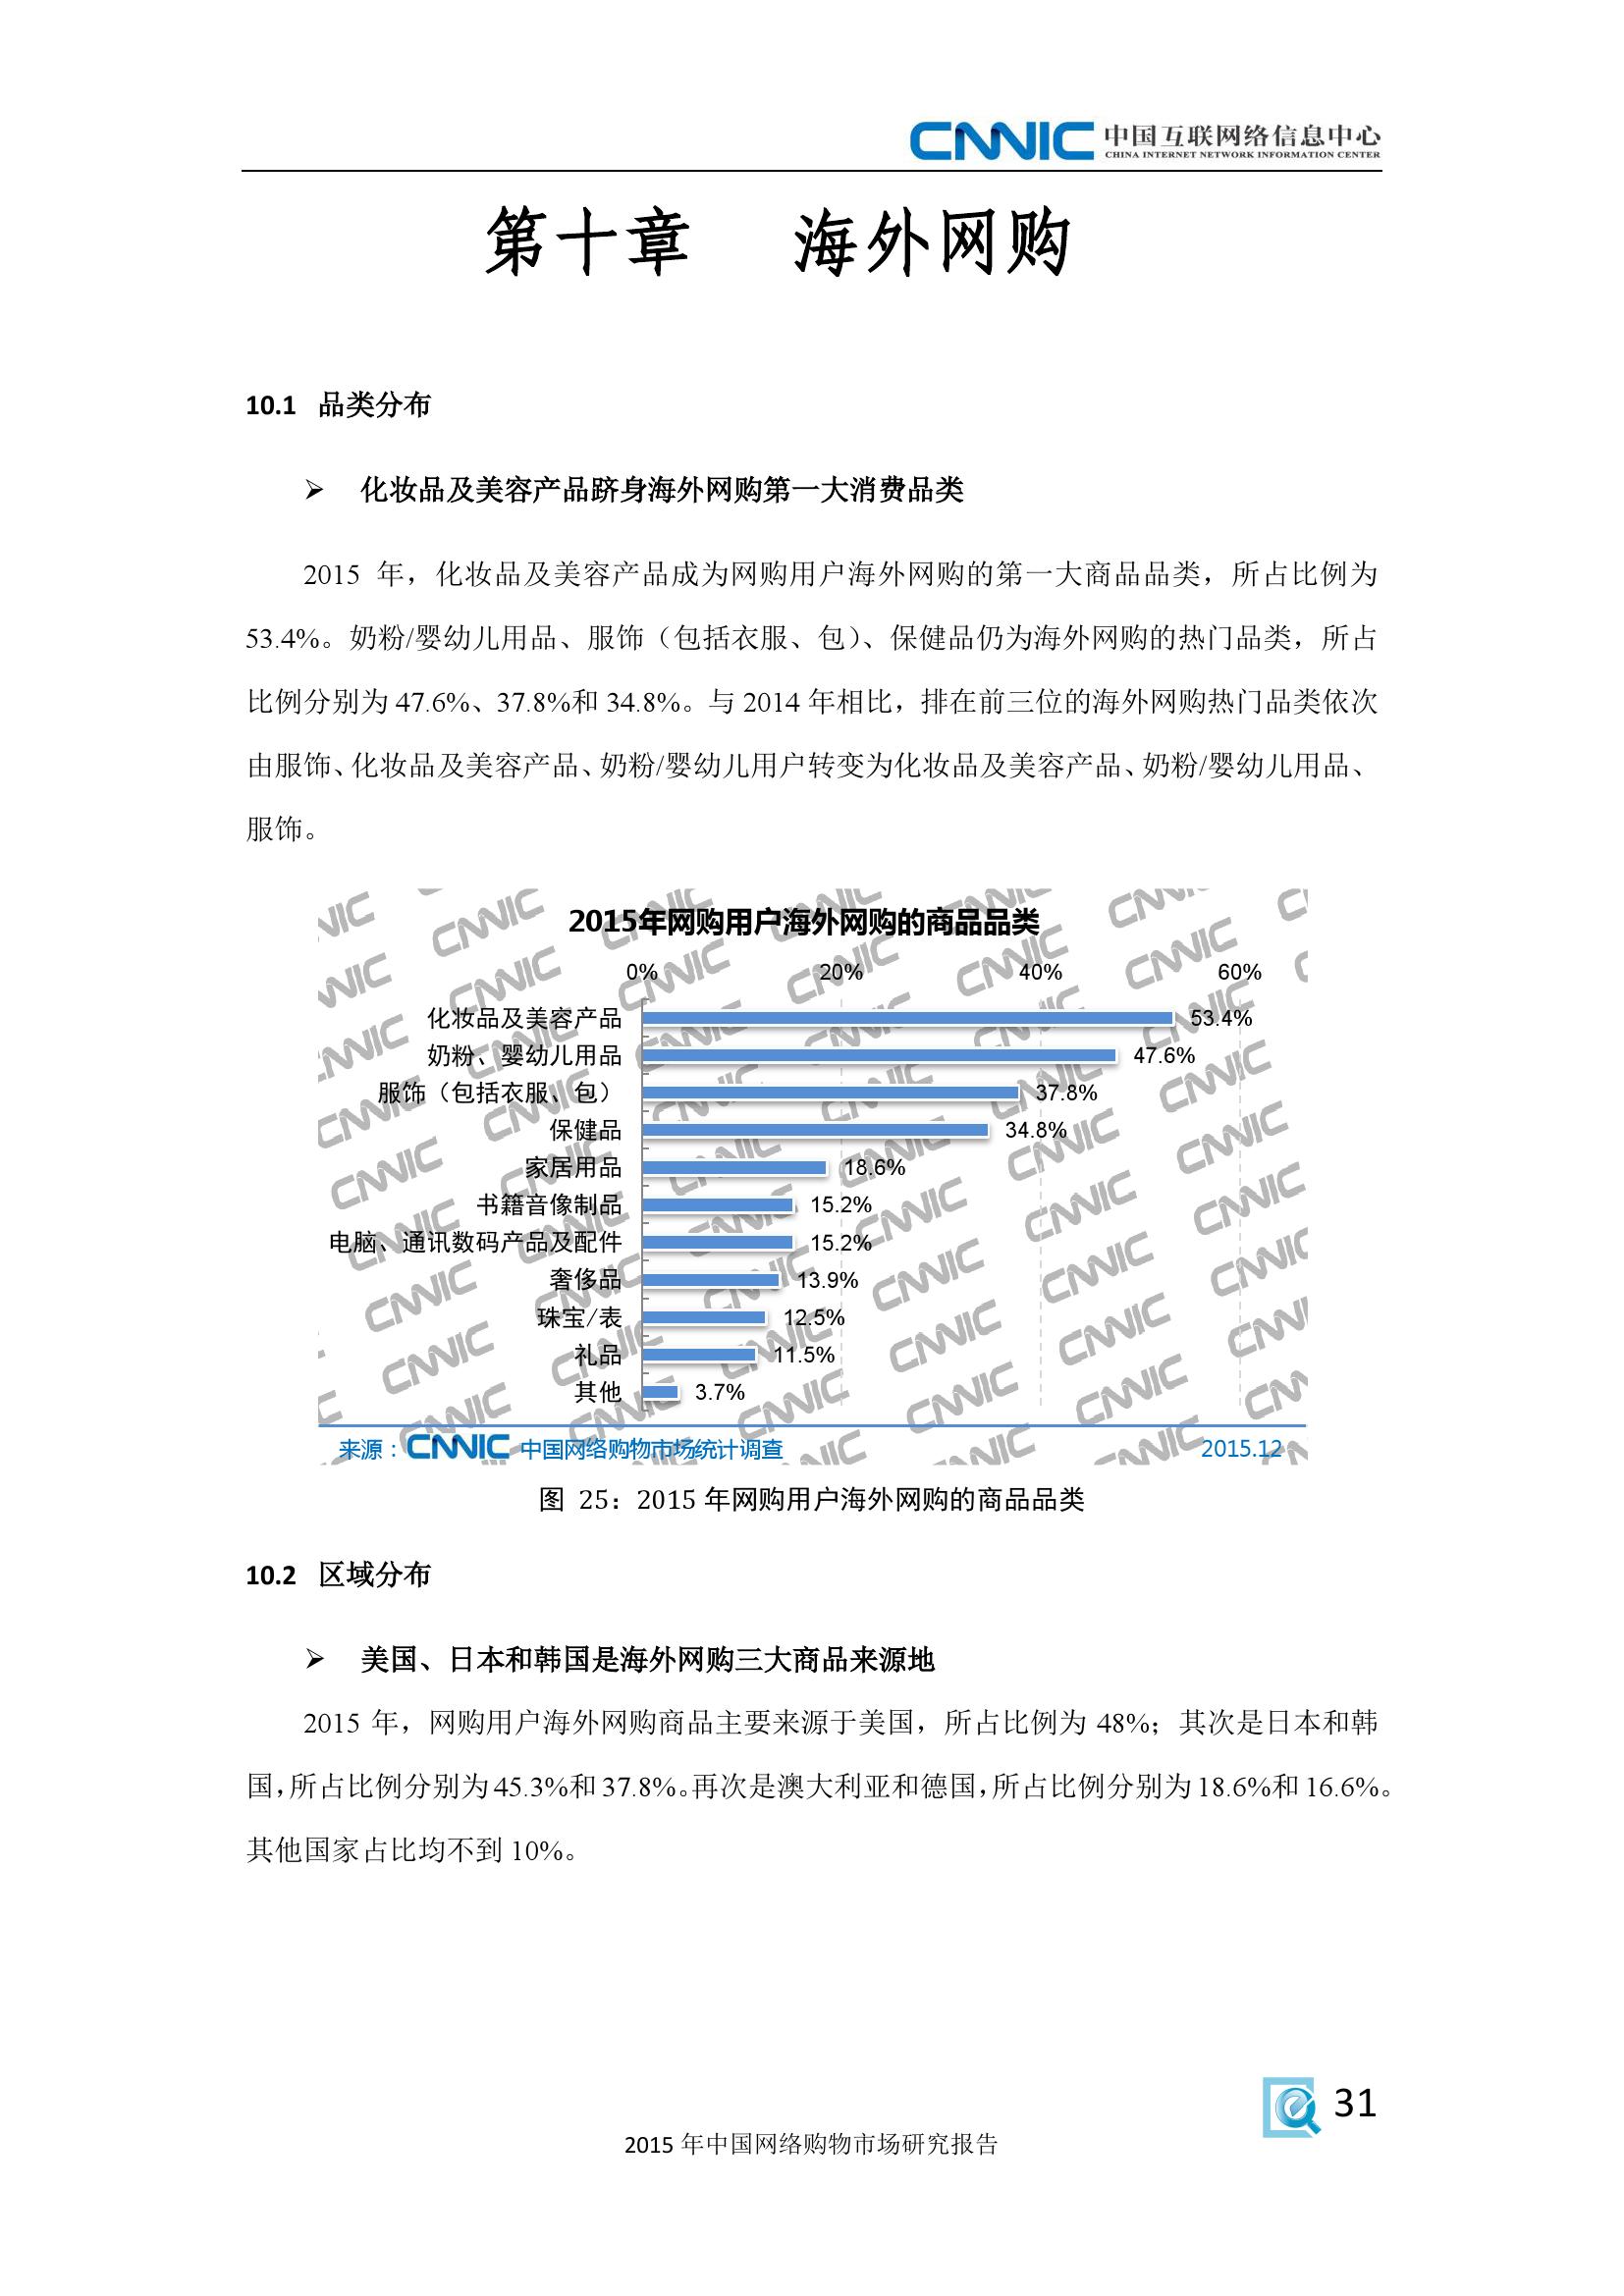 2015年中国网络购物市场研究报告_000039